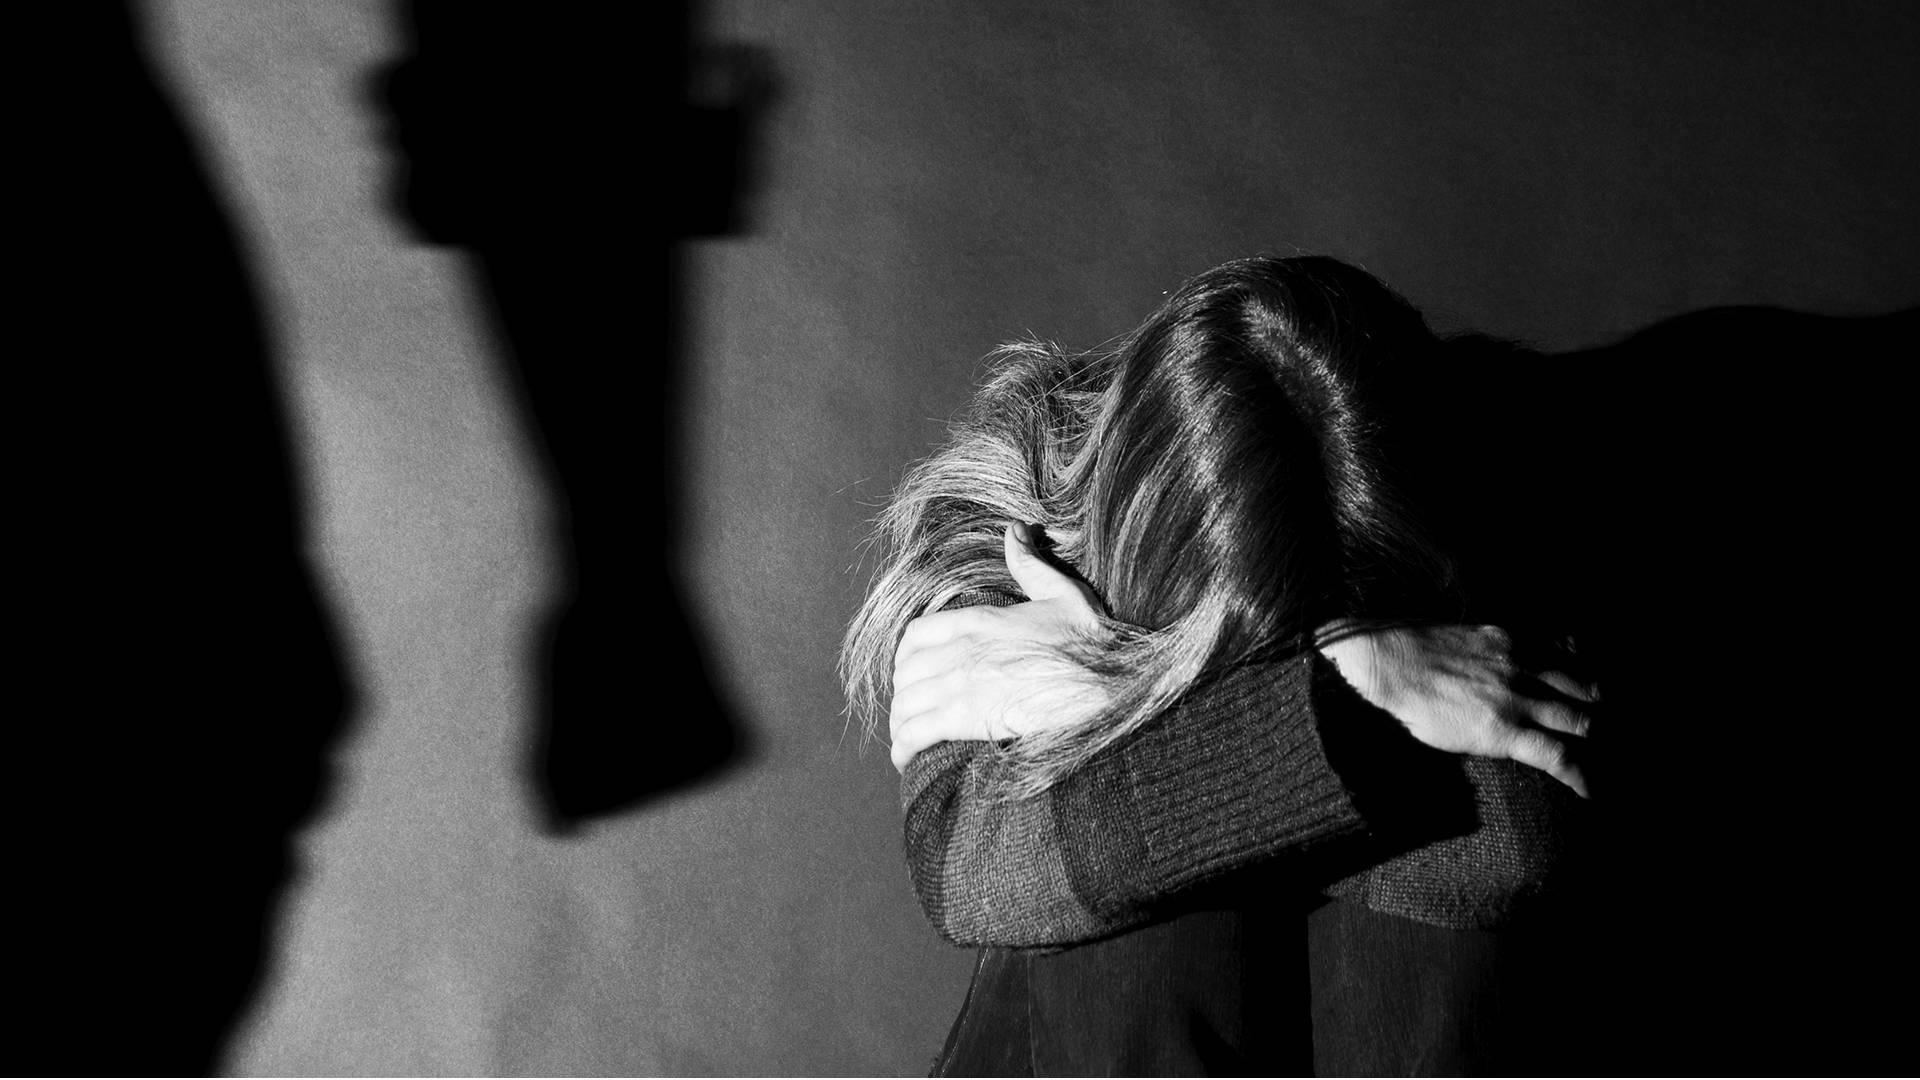 آزار جنسی - دستور خاص پاپ برای گزارش آزار جنسی در کلیساها